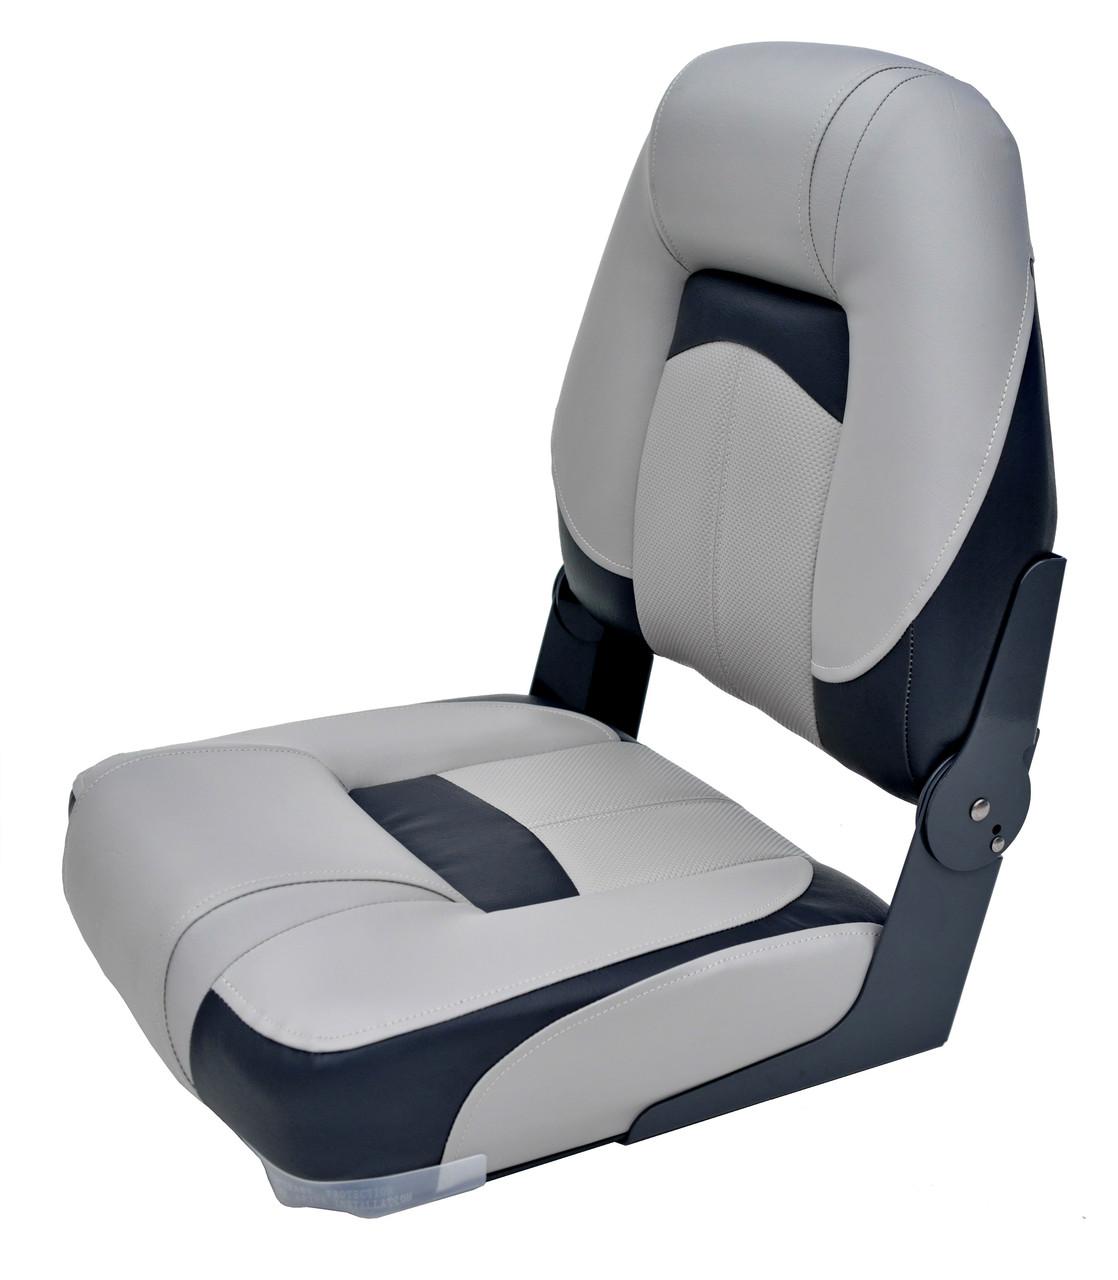 Сиденье NewStar Premium мягкое с высокой спинкой складное Серый/Уголь/Уголь